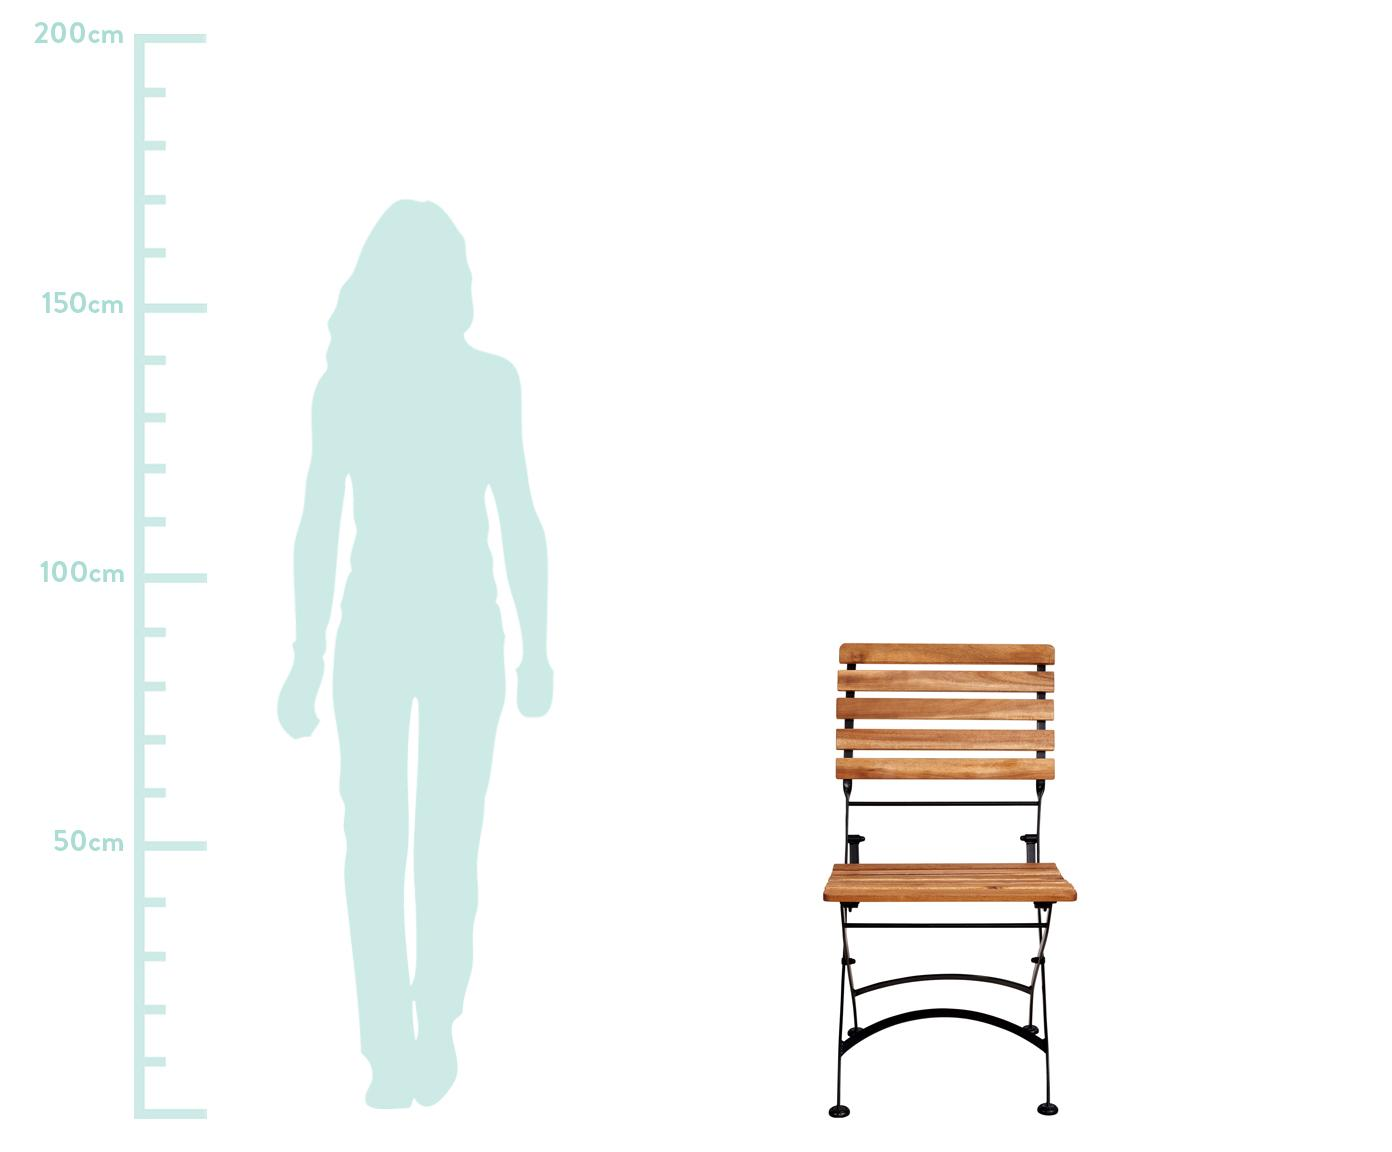 Garten-Klappstühle Parklife, 2 Stück, Sitzfläche: Akazienholz, geölt,, Gestell: Metall, verzinkt, pulverb, Schwarz, Akazienholz, B 47 x T 54 cm